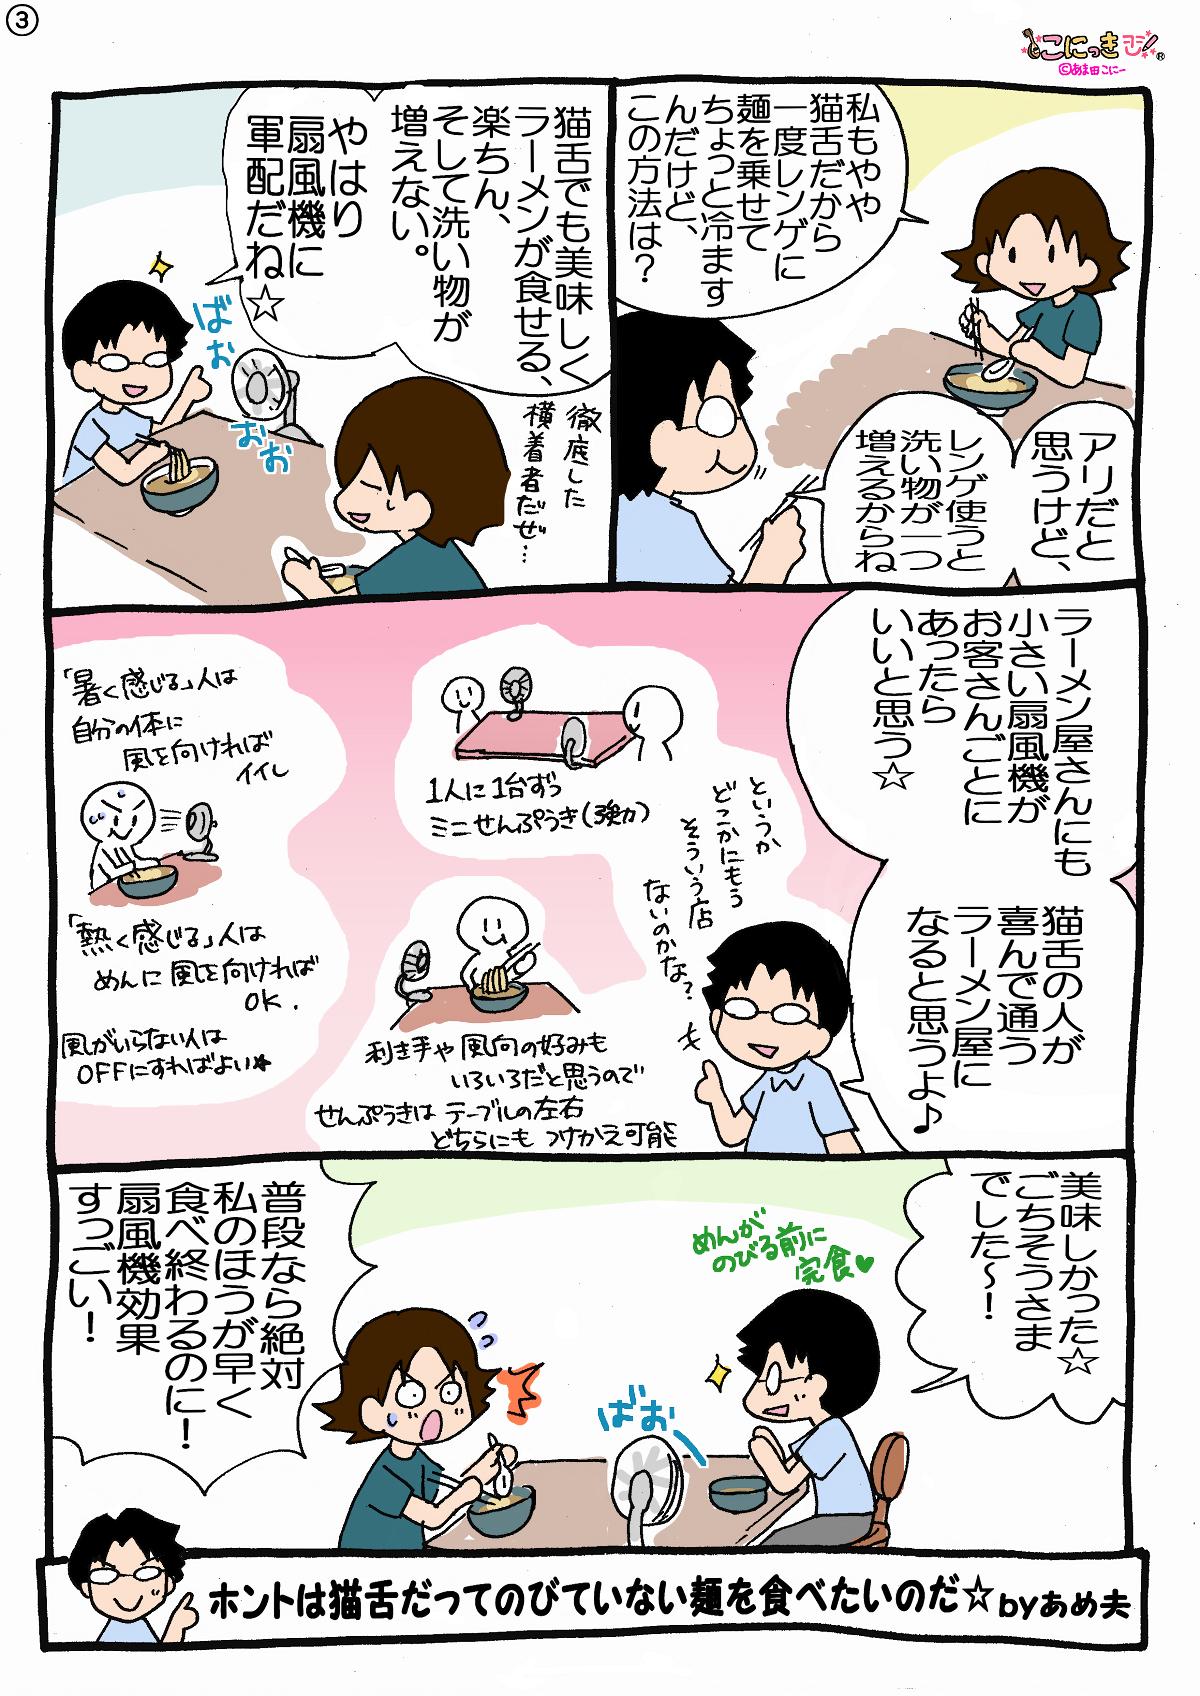 244-3あめ夫流ラーメンの食べ方③